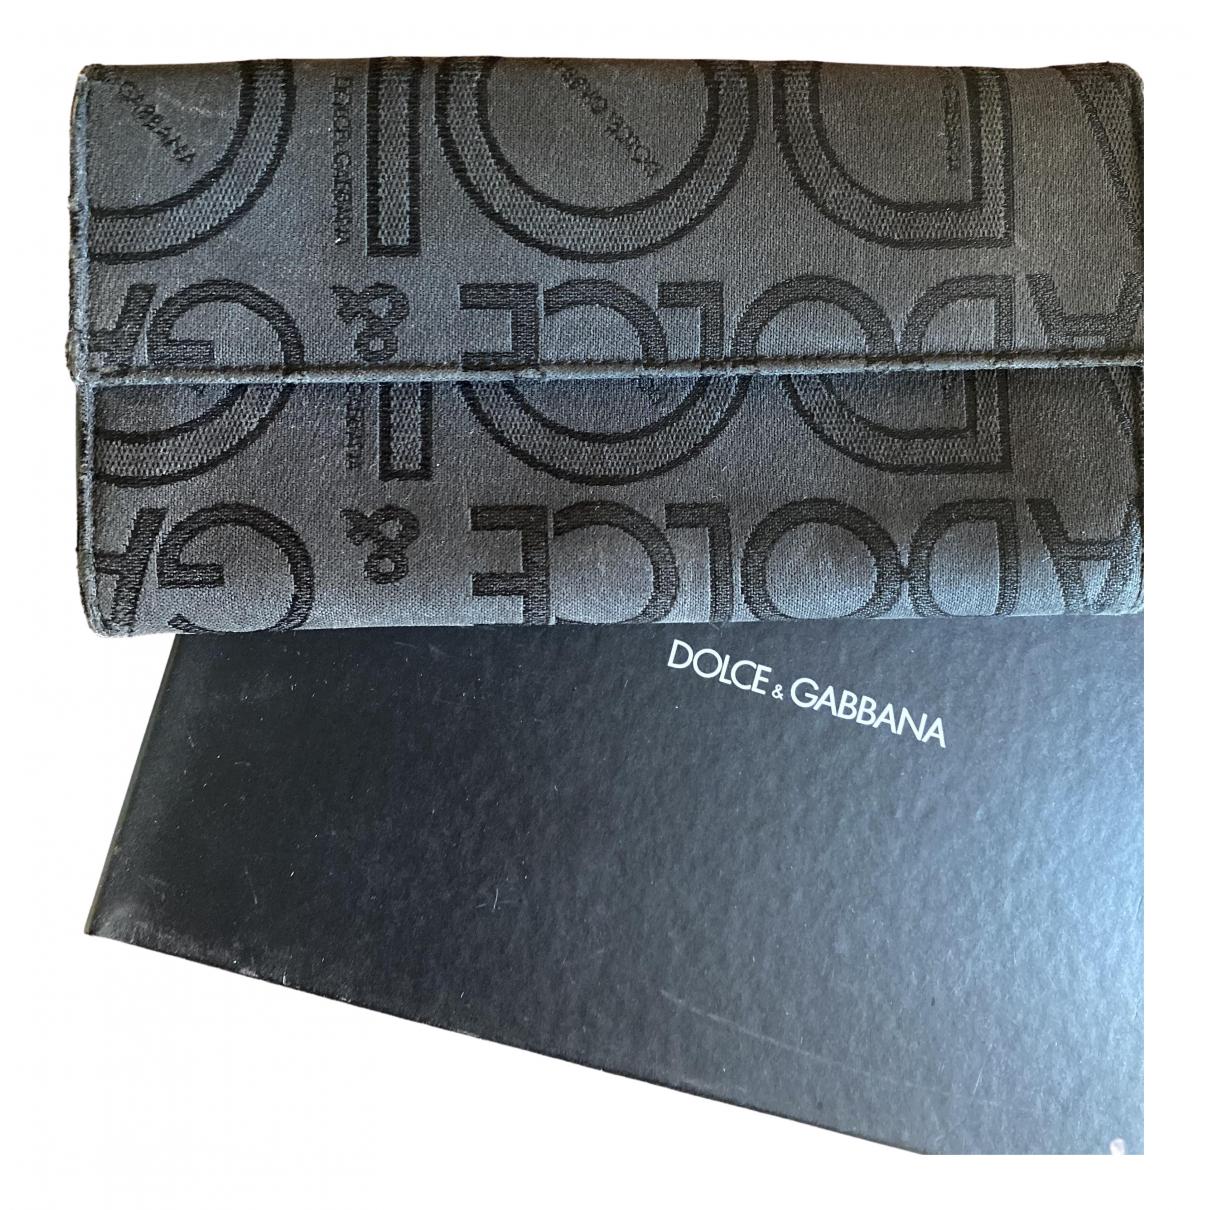 Dolce & Gabbana - Portefeuille   pour femme en toile - noir